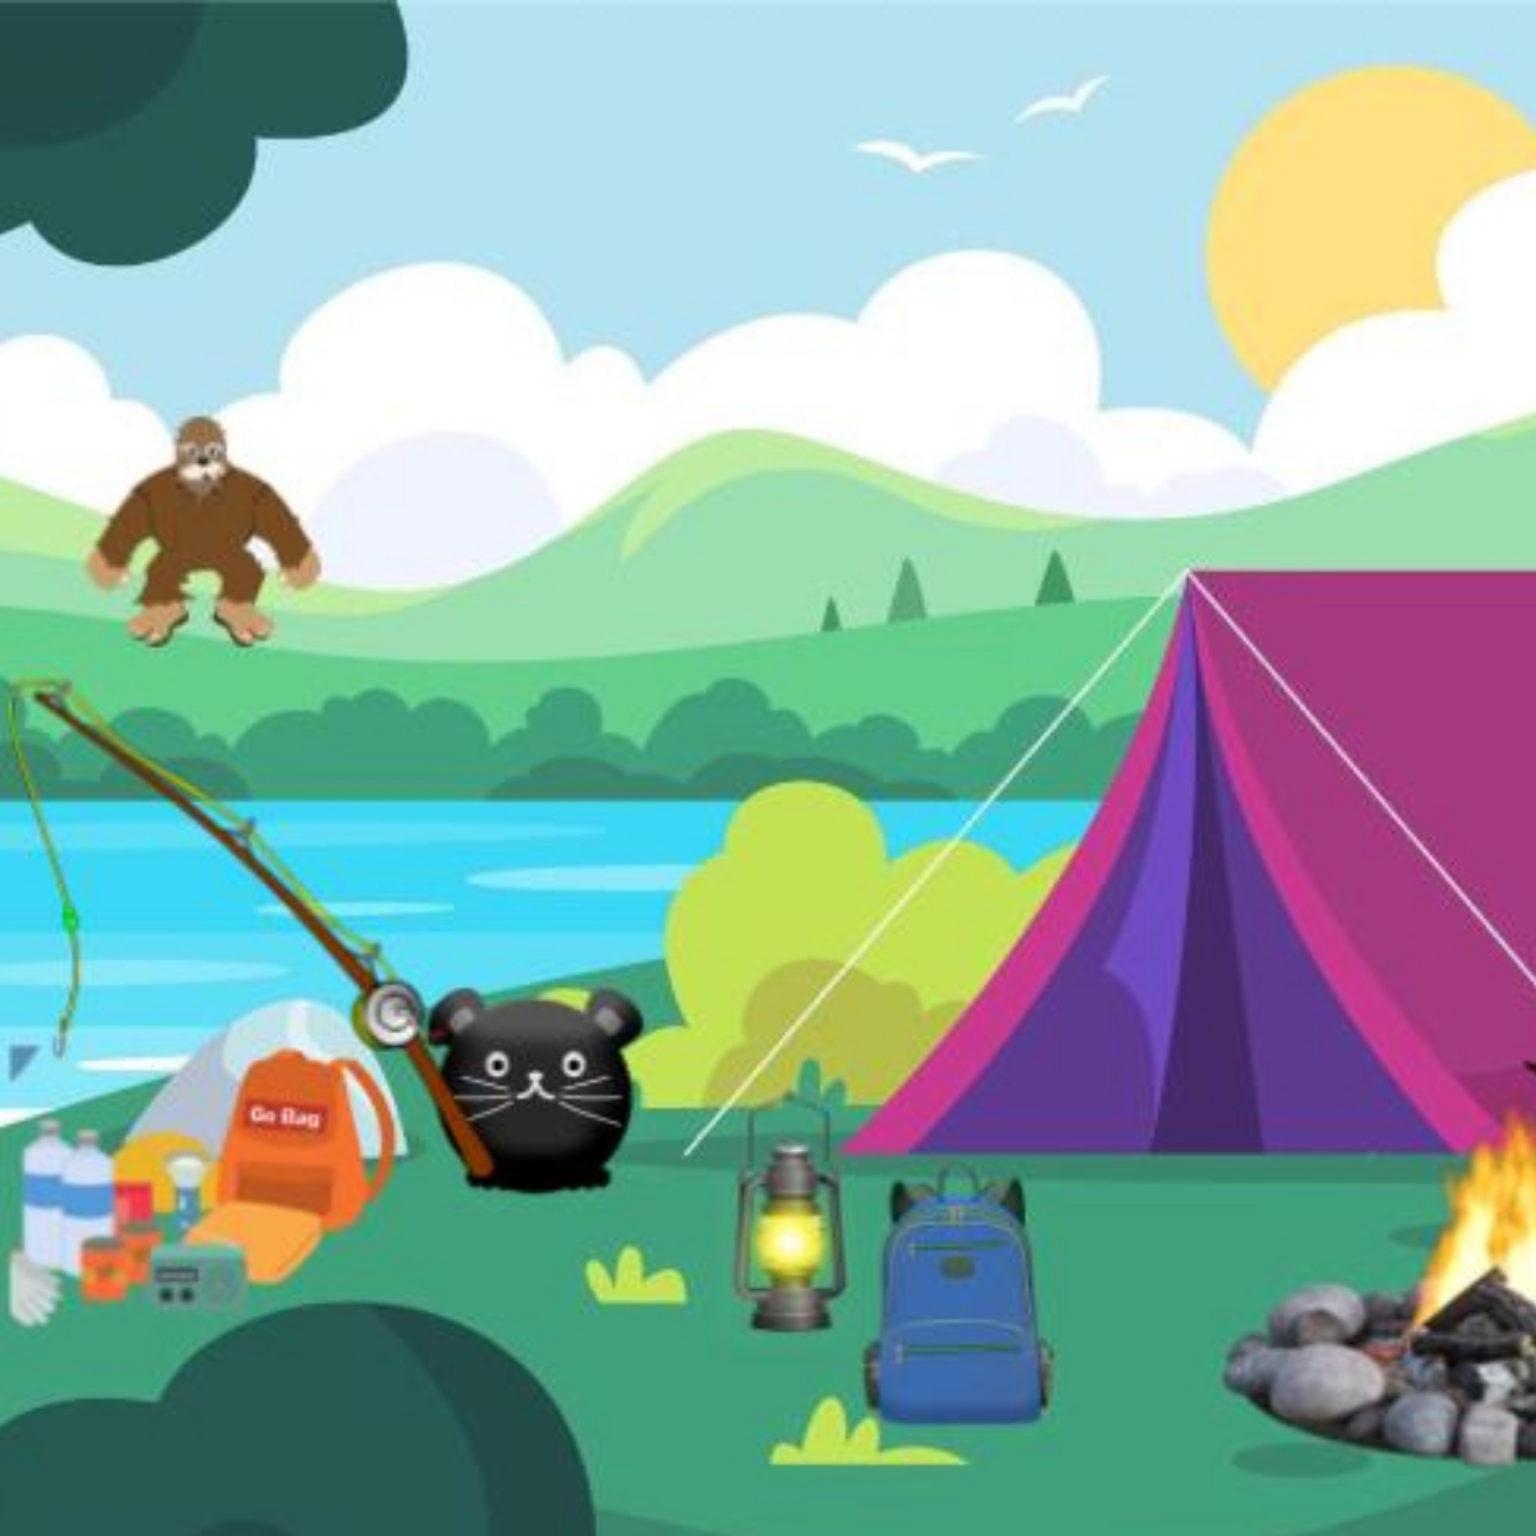 digital desk pet in a camping scene